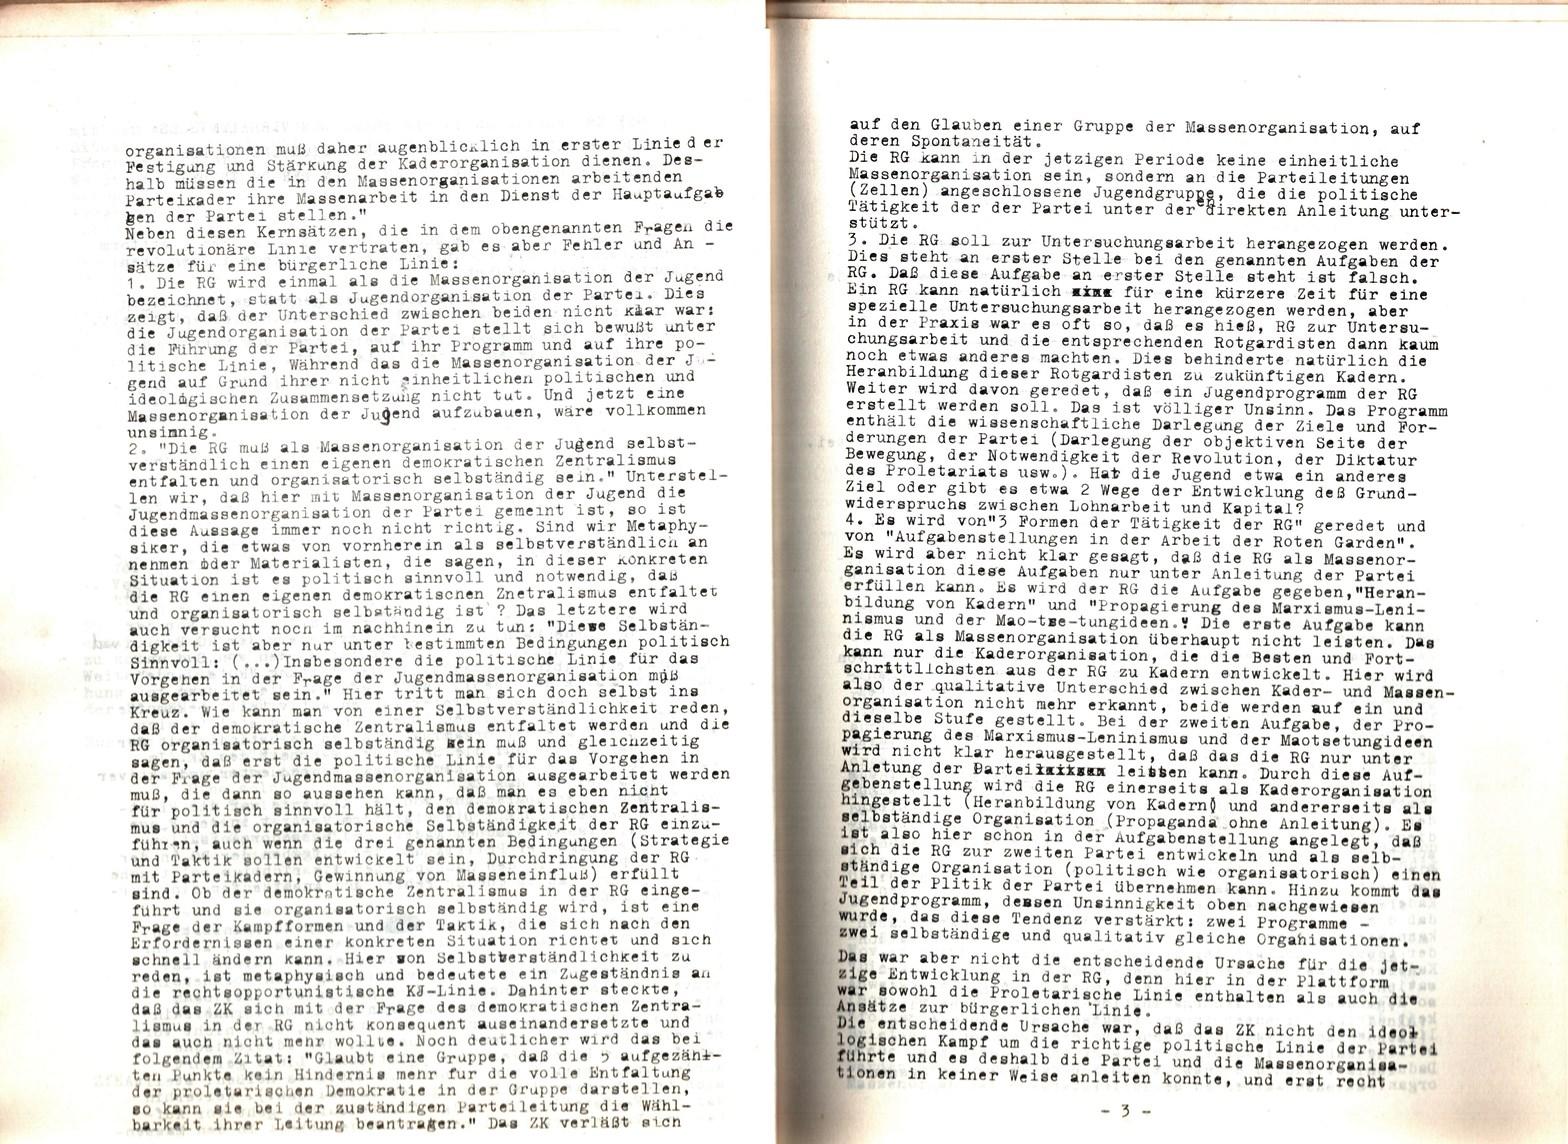 KPDML_1971_Analysen_und_Antraege_des_LV_Sued_West_038